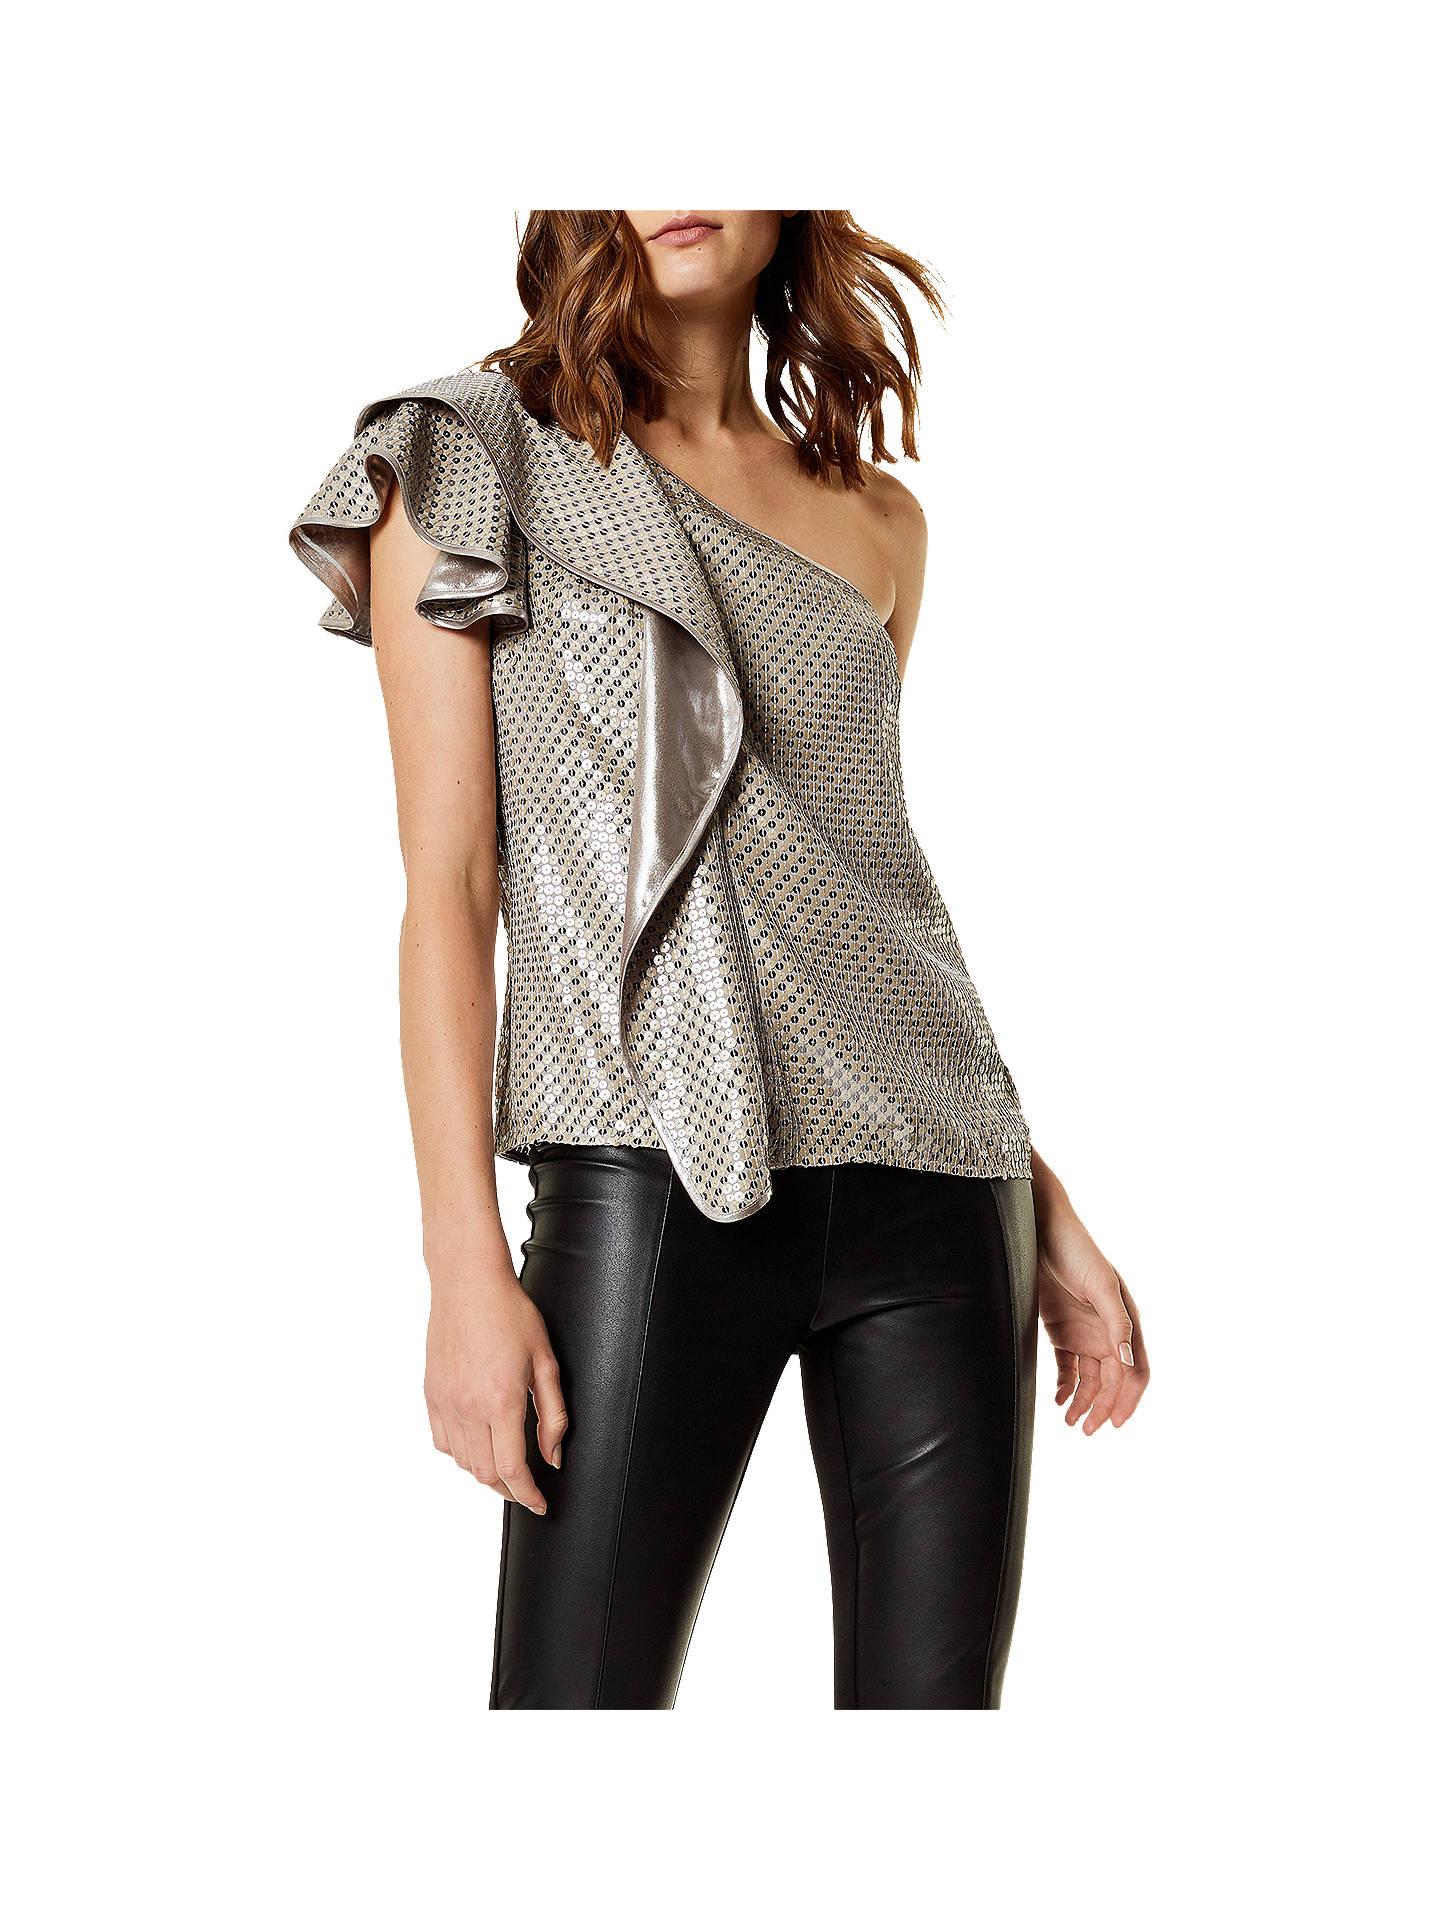 348de10cc38ea Buy Karen Millen One Shoulder Sequin Top